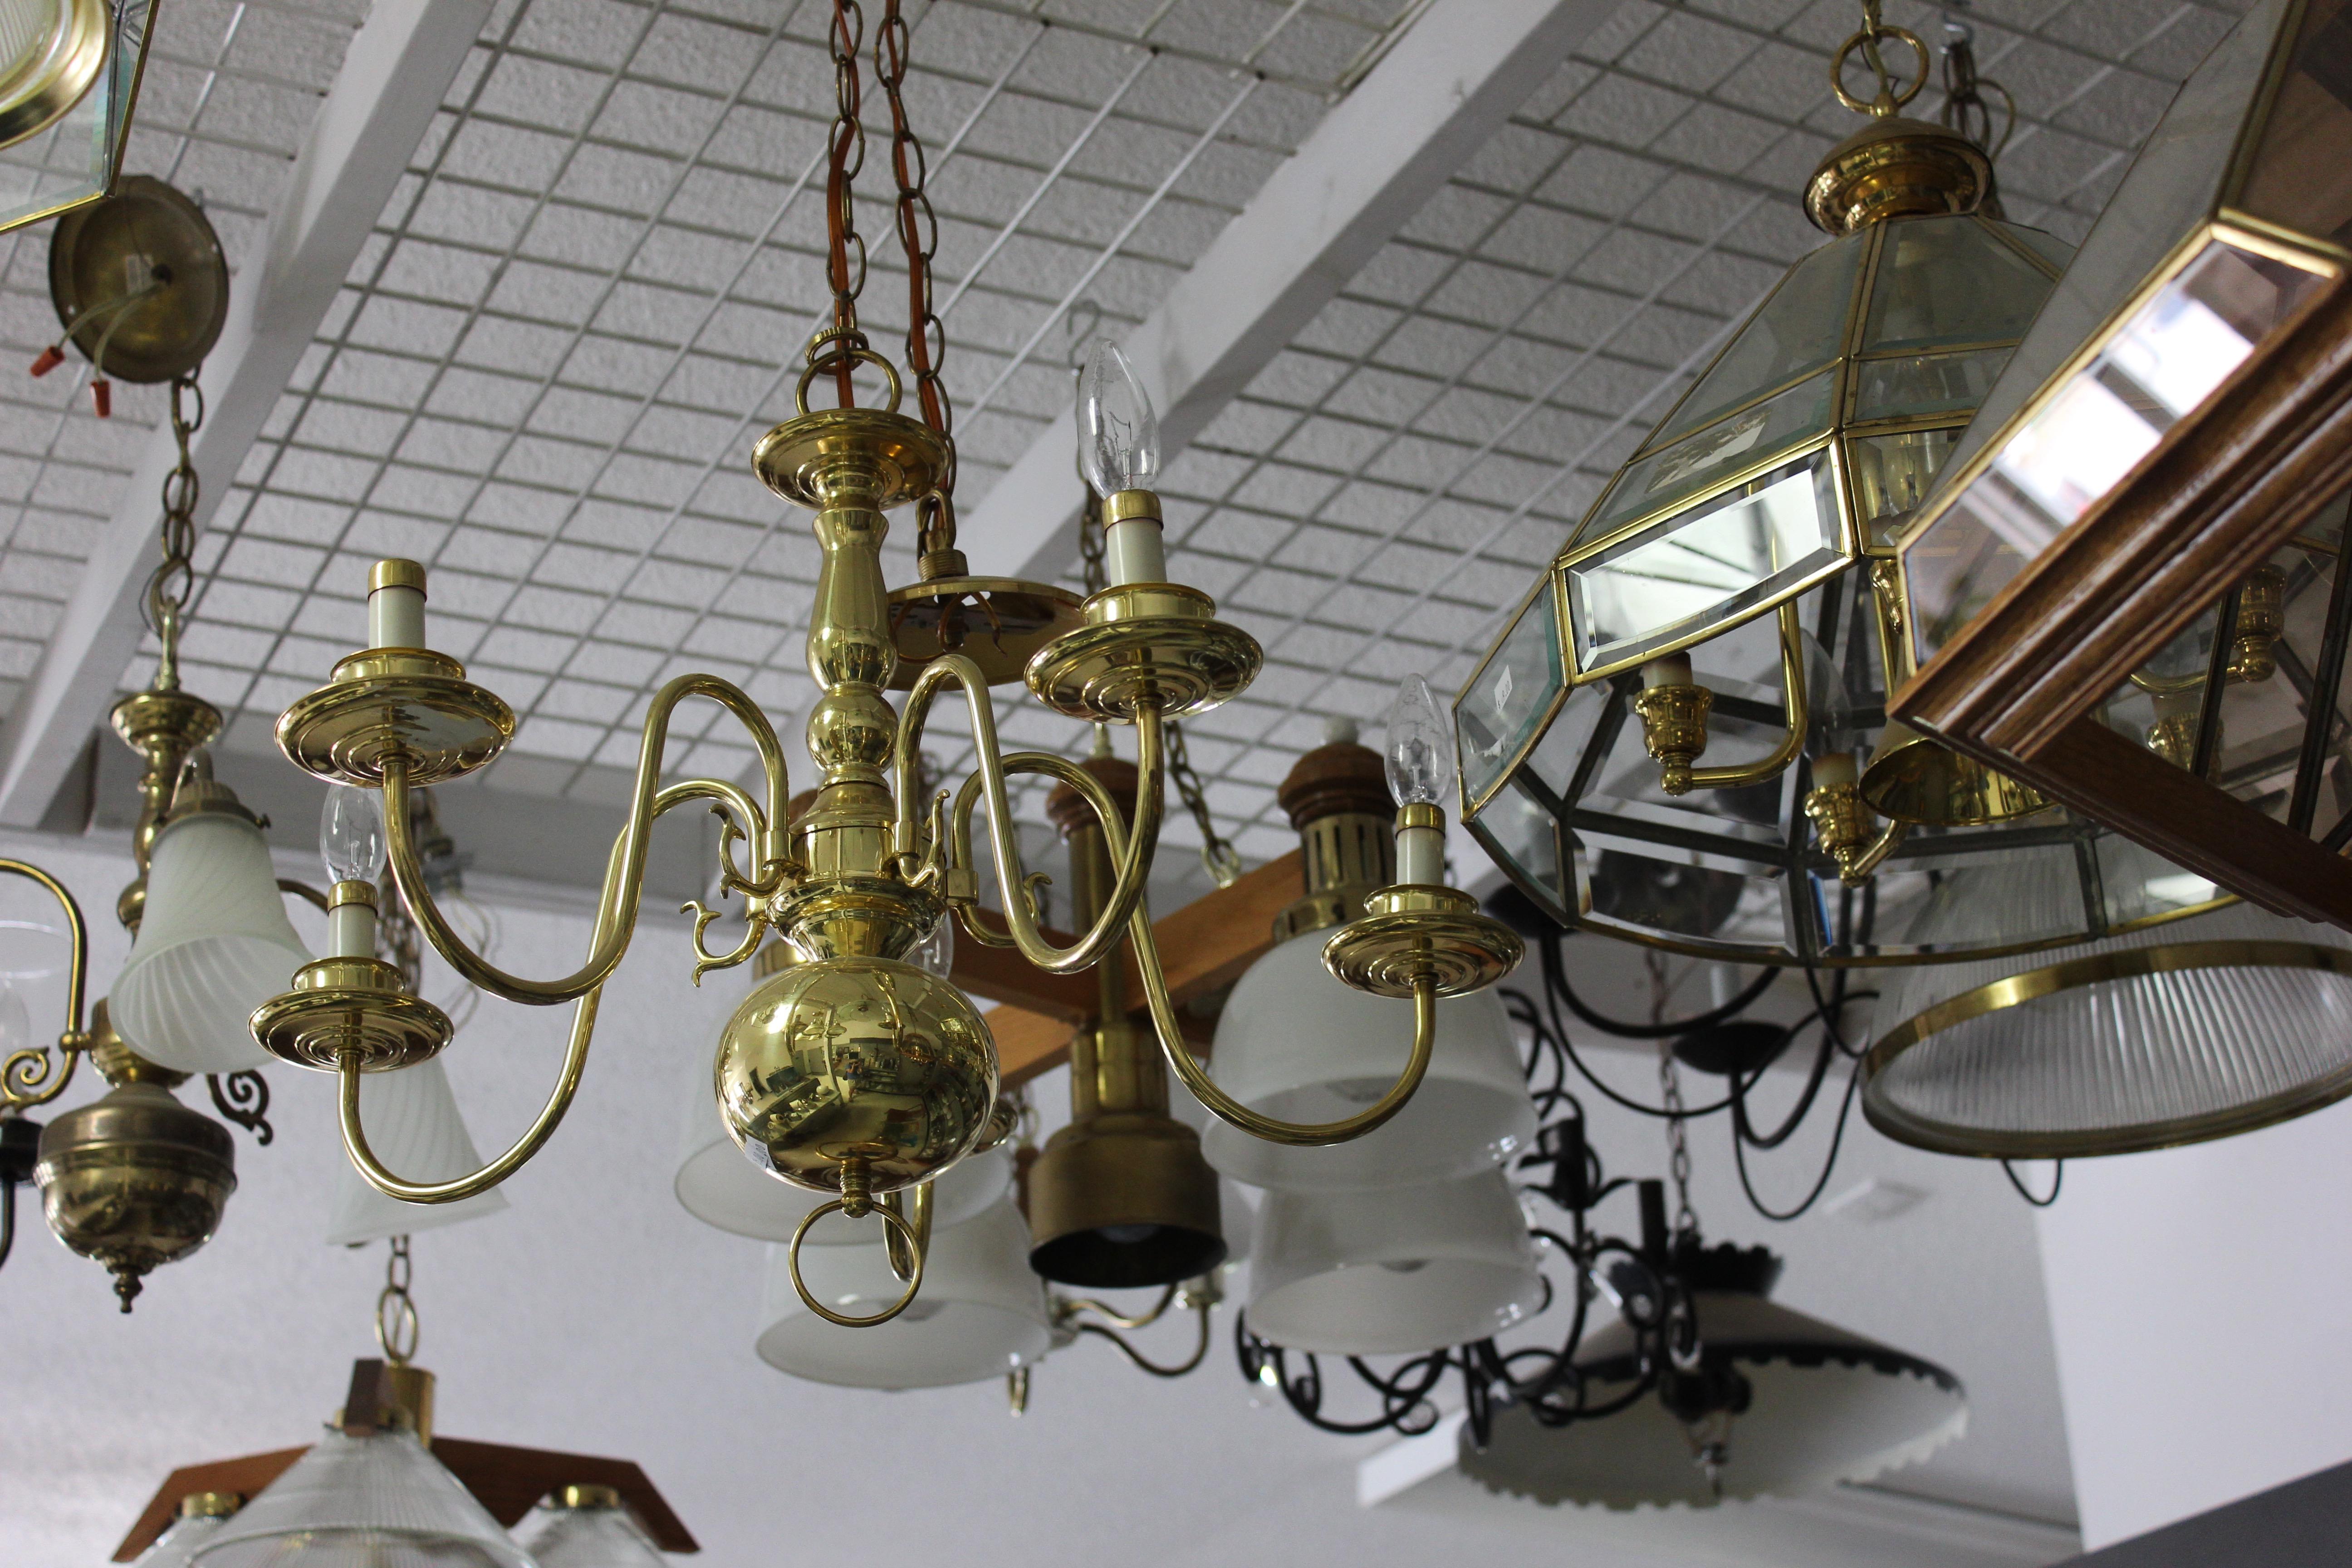 Fancy a ceiling light?